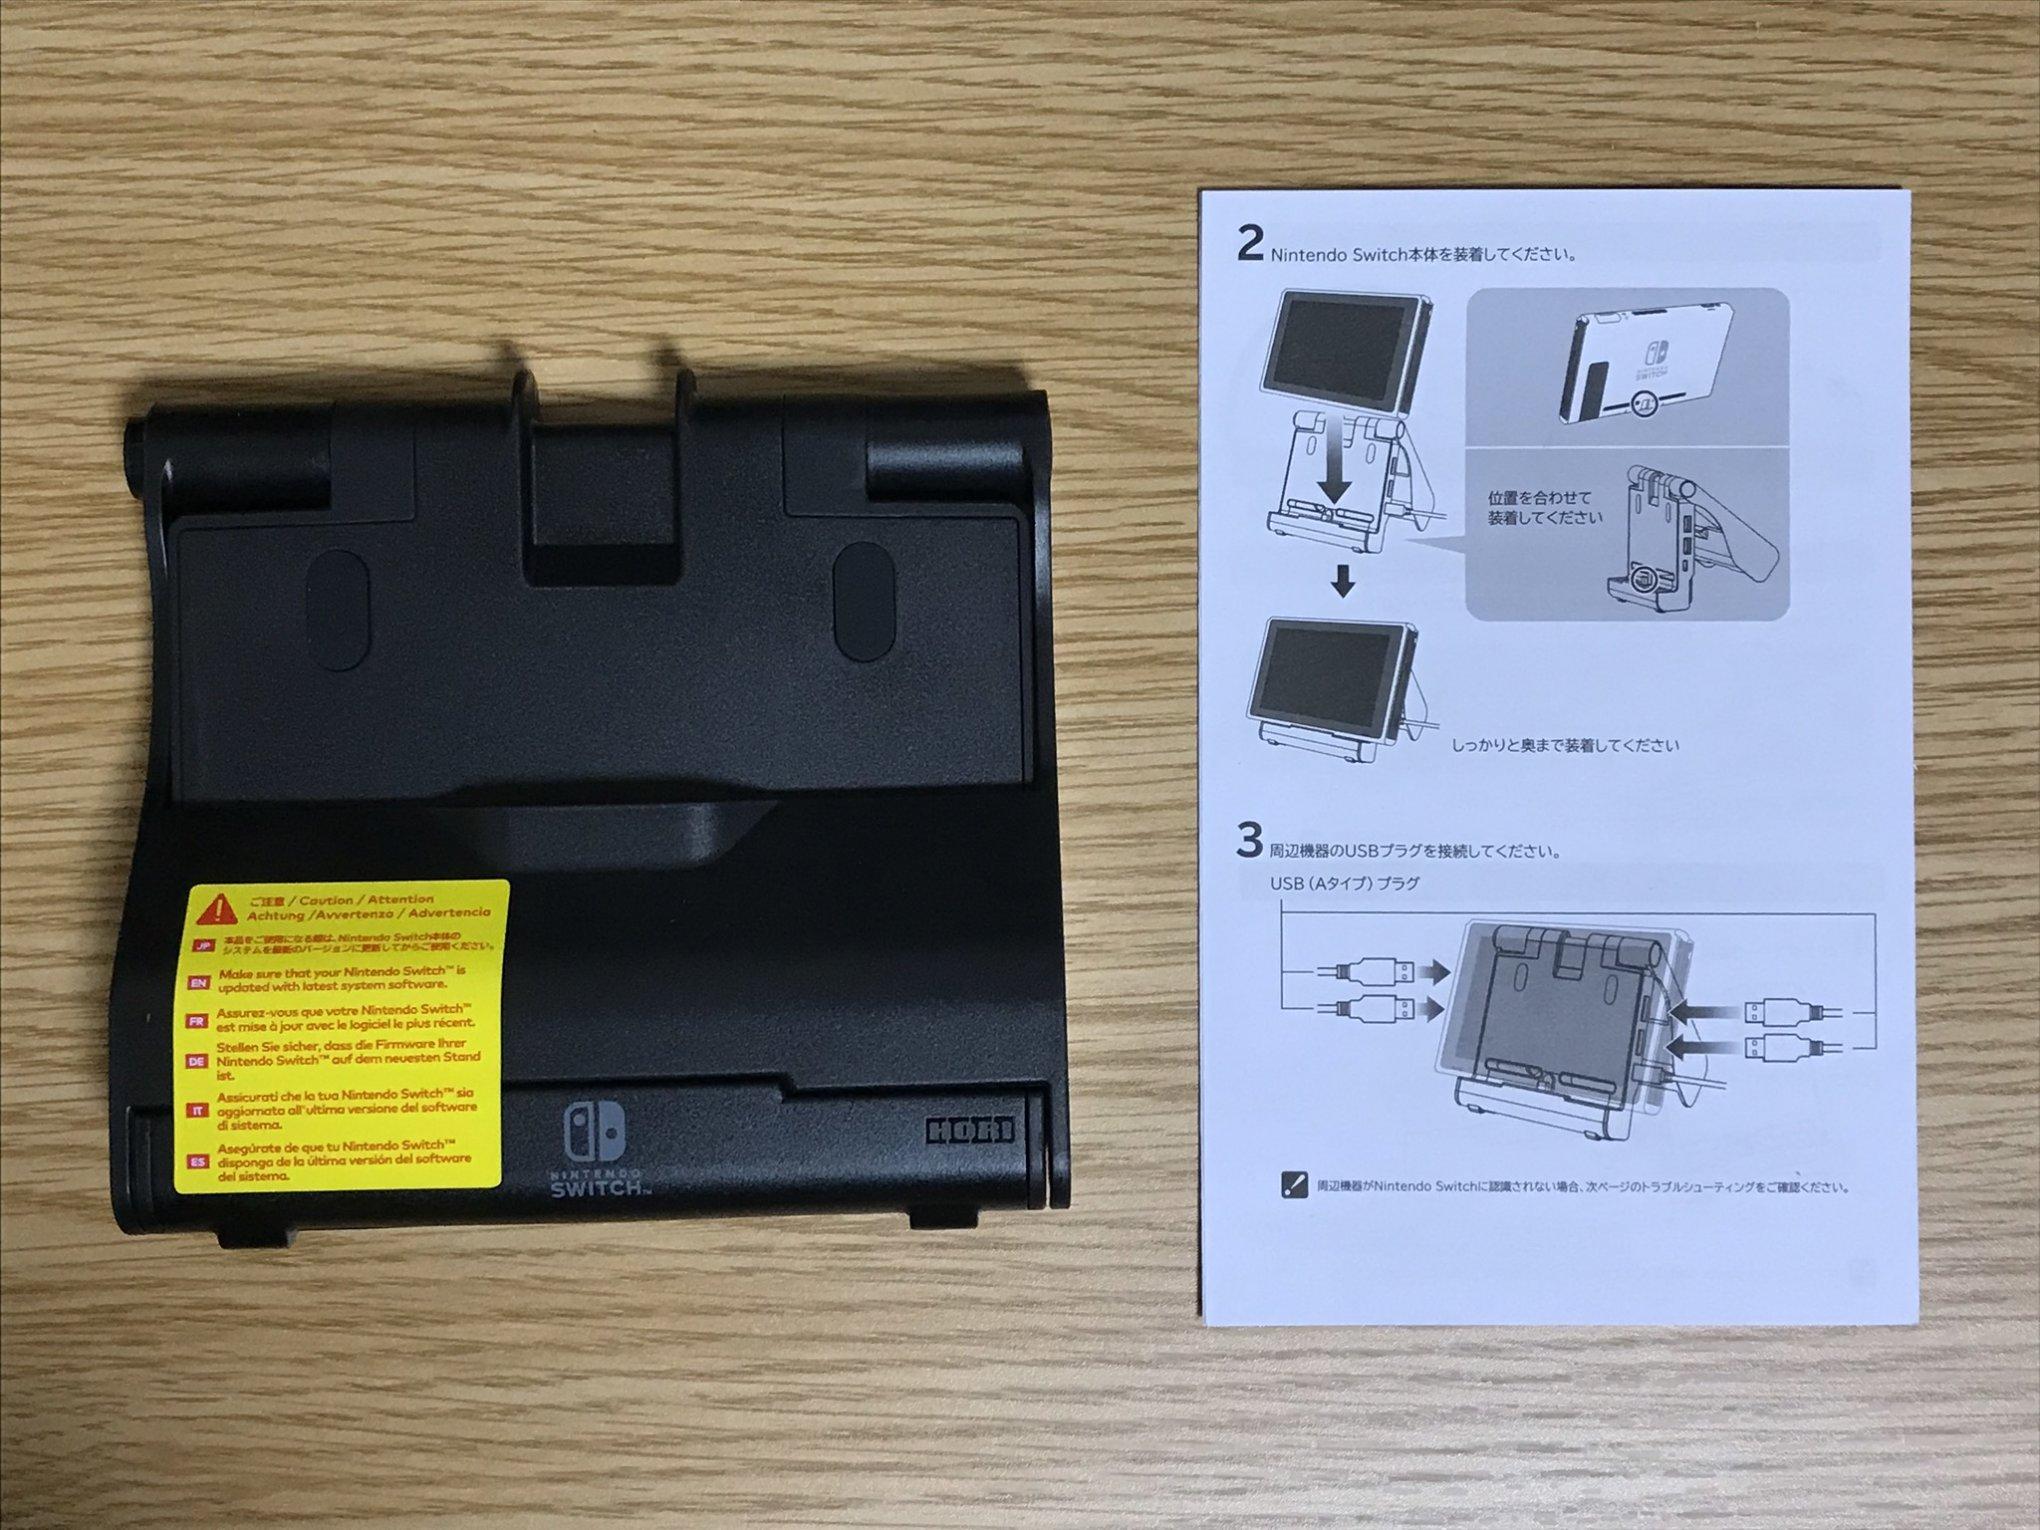 USBハブスタンドと取説